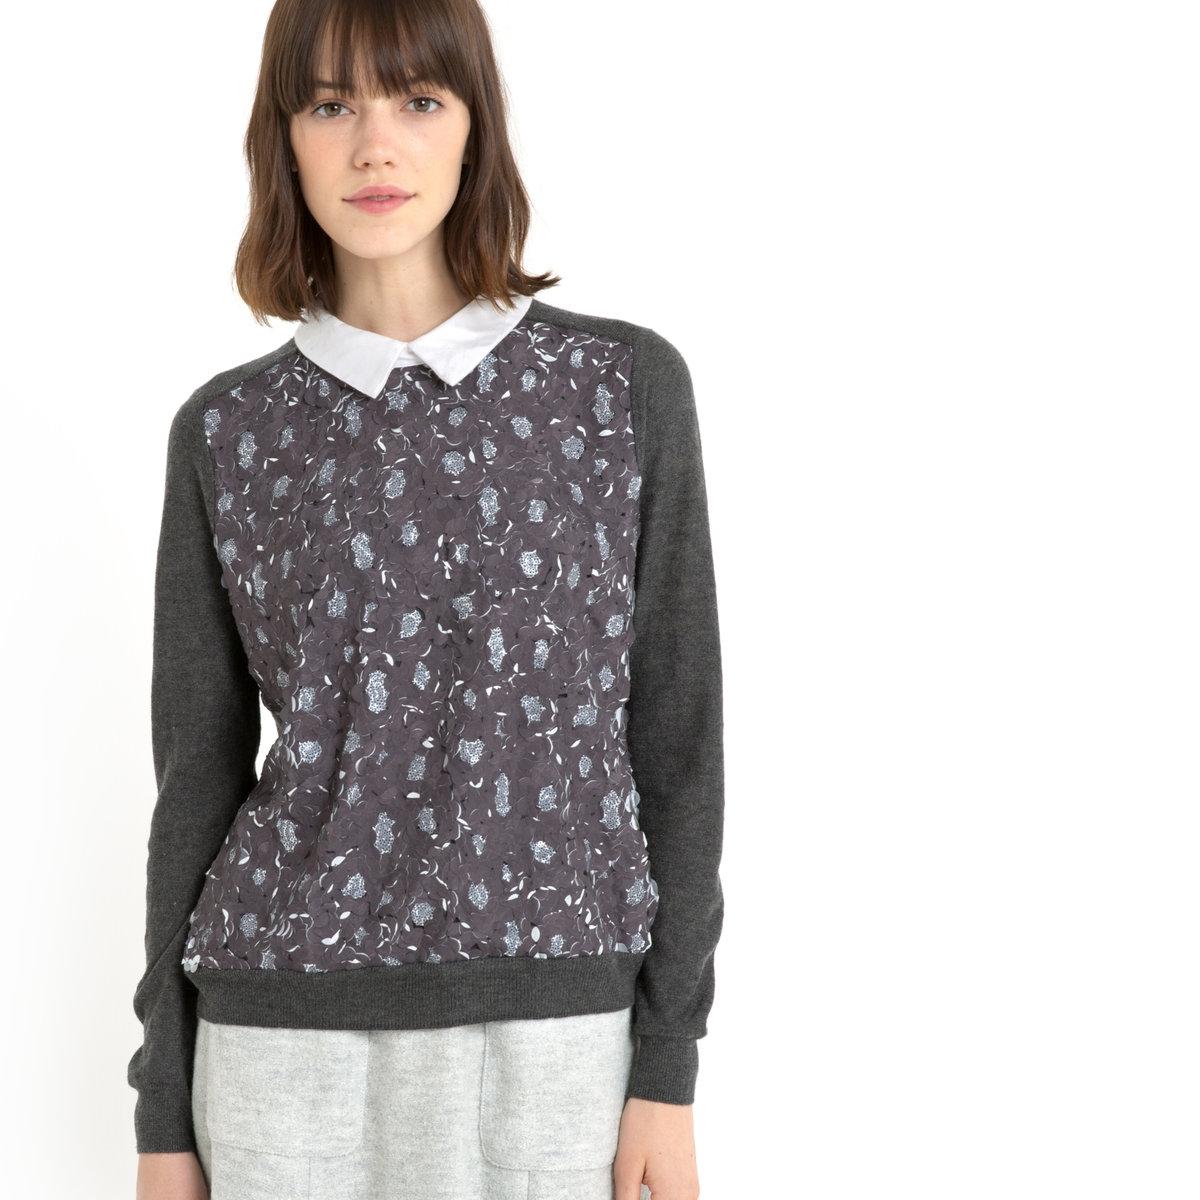 ПуловерПуловер MADEMOISELLE R. Пуловер с рубашечным воротником из хлопкового поплина. Длинные рукава.Рельефная блестящая ткань с цветочным эффектом. Низ и манжеты связаны в рубчик. Длина 59 см.Пуловер, 40% полиэстера, 20% полиамида, 20% акрила, 20% шерсти.<br><br>Цвет: серый меланж,черный<br>Размер: 30/32 (FR) - 36/38 (RUS)